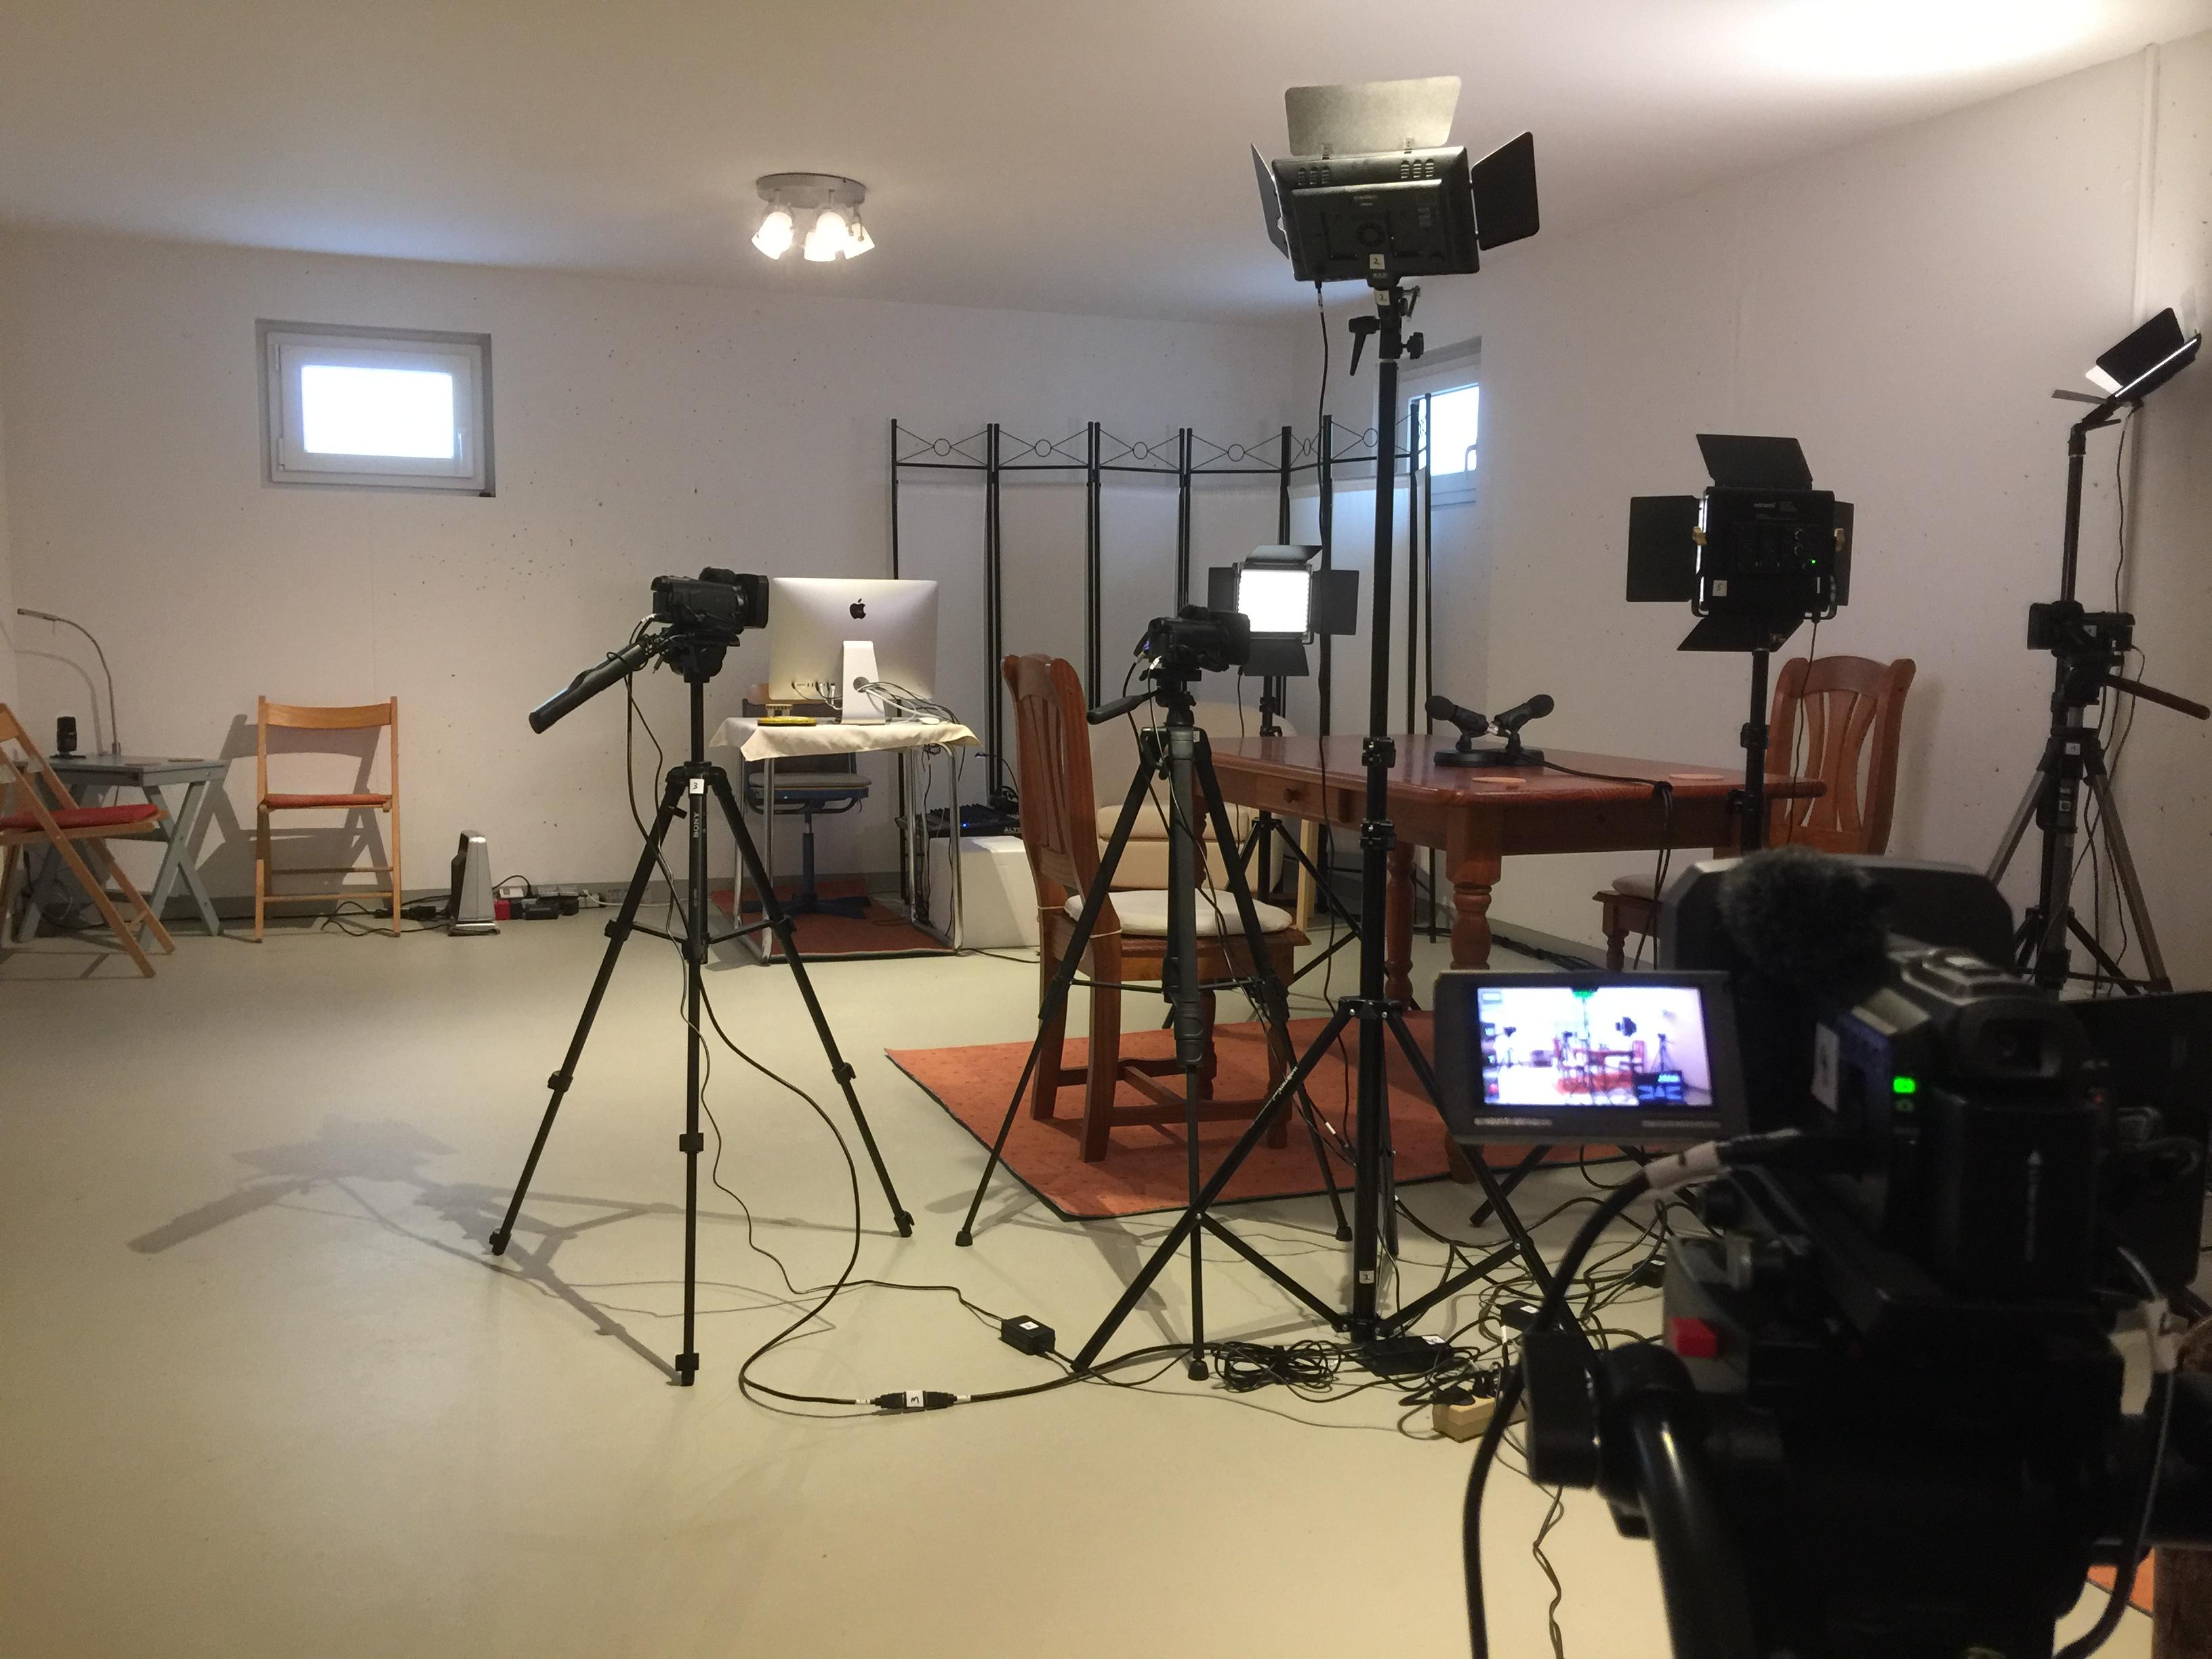 #1 Das mobile Live-Video-Studio in Friedheim sucht freie Mitarbeiter